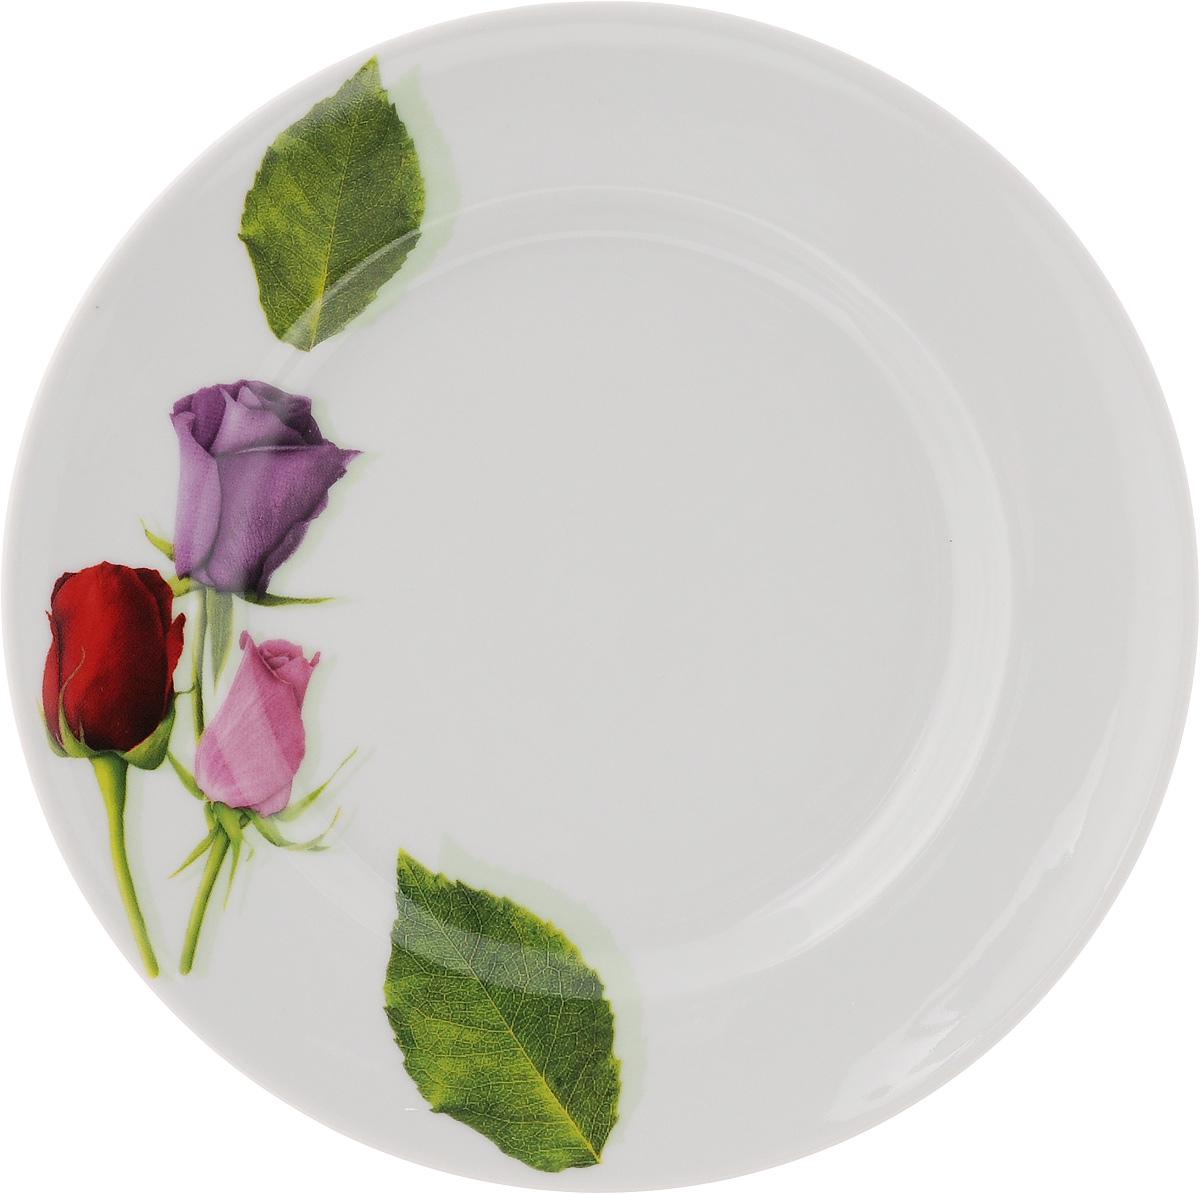 Тарелка Идиллия. Королева цветов, диаметр 19,5 см4С0203Тарелка Идиллия. Королева цветов изготовлена из высококачественного фарфора. Изделие декорировано красочным изображением. Такая тарелка отлично подойдет в качестве блюда, она идеальна для сервировки закусок, нарезок, горячих блюд. Тарелка прекрасно дополнит сервировку стола и порадует вас оригинальным дизайном. Диаметр тарелки: 19,5 см. Высота стенки: 2,5 см.